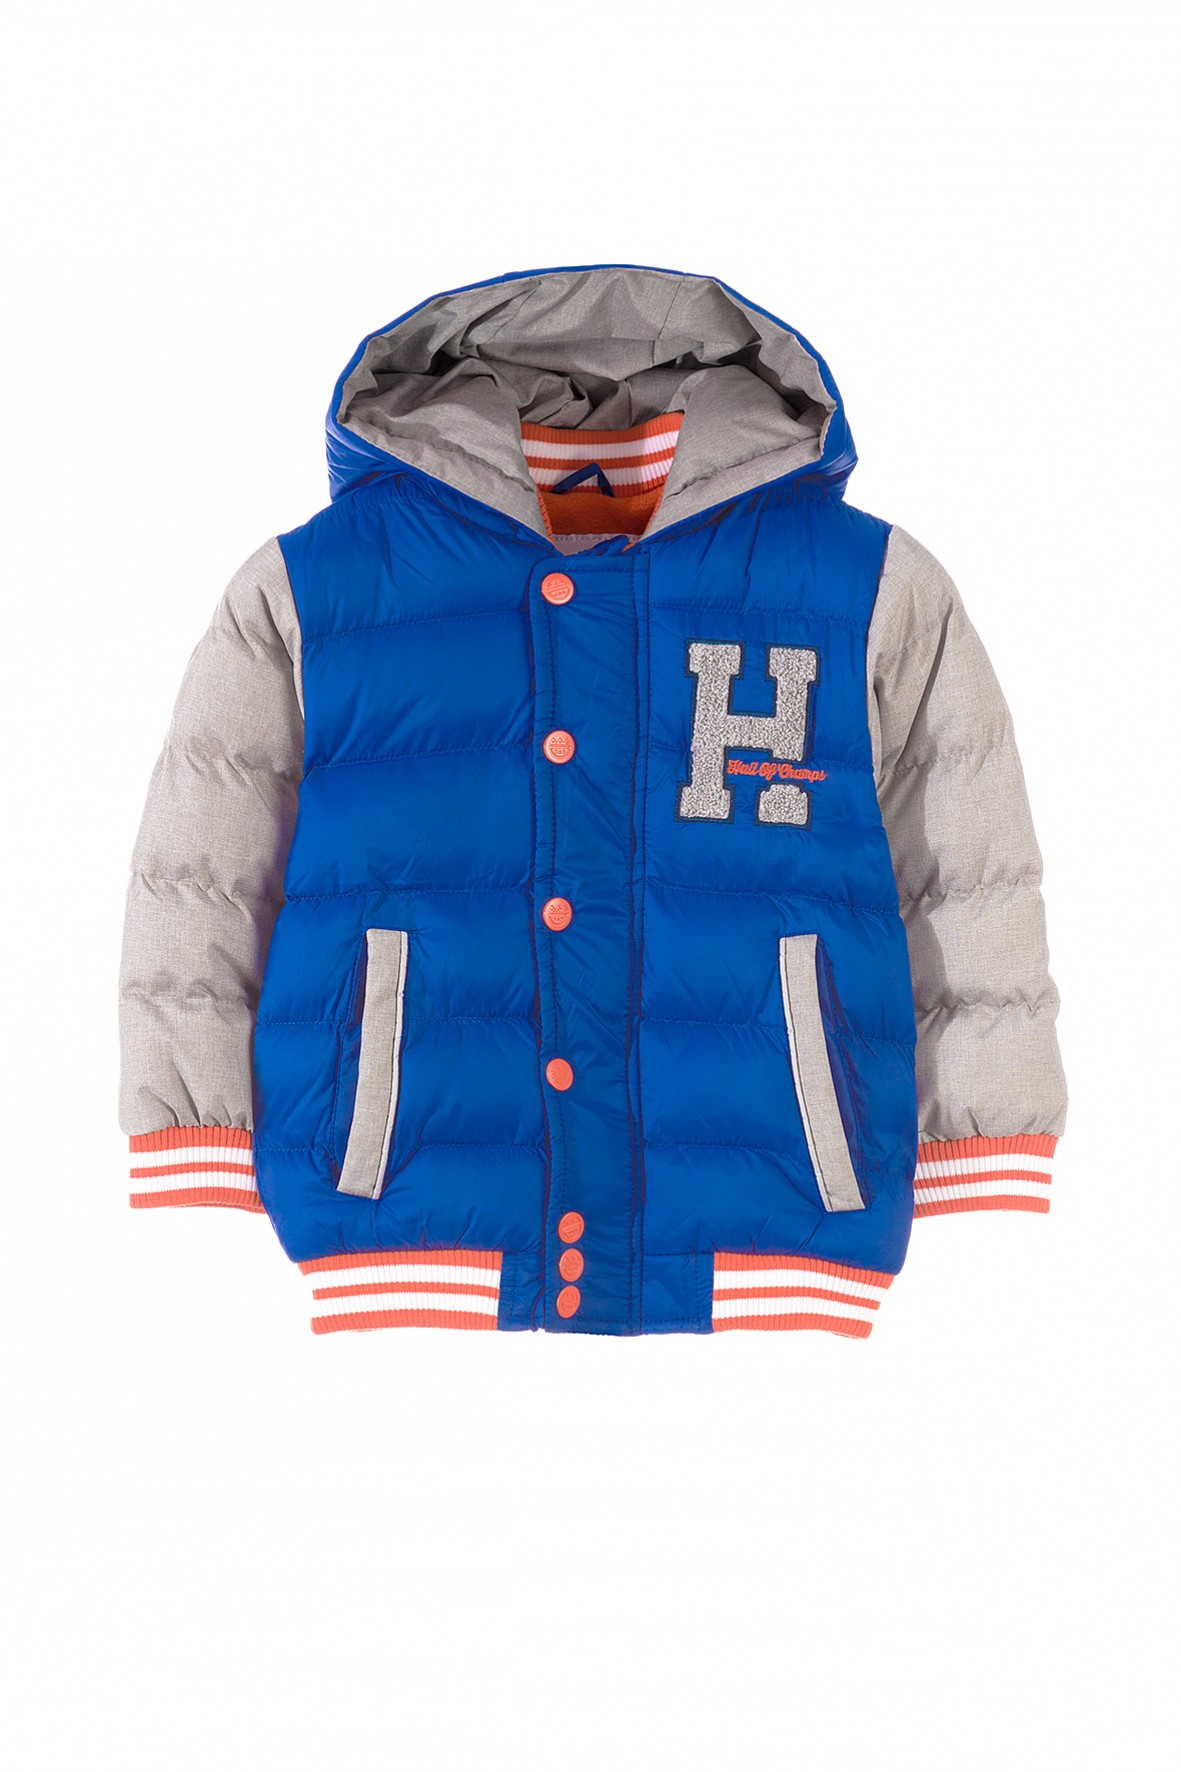 kurtka chŁopiĘca 1a Zielona kurtka przejściowa o charakterze sportowym dostosuje się dla Was do każdej pogody. Tkanina wodoodporna i wiatroodporna skutecznie ochroni Twoje dziecko od zimna i 4/5(12).